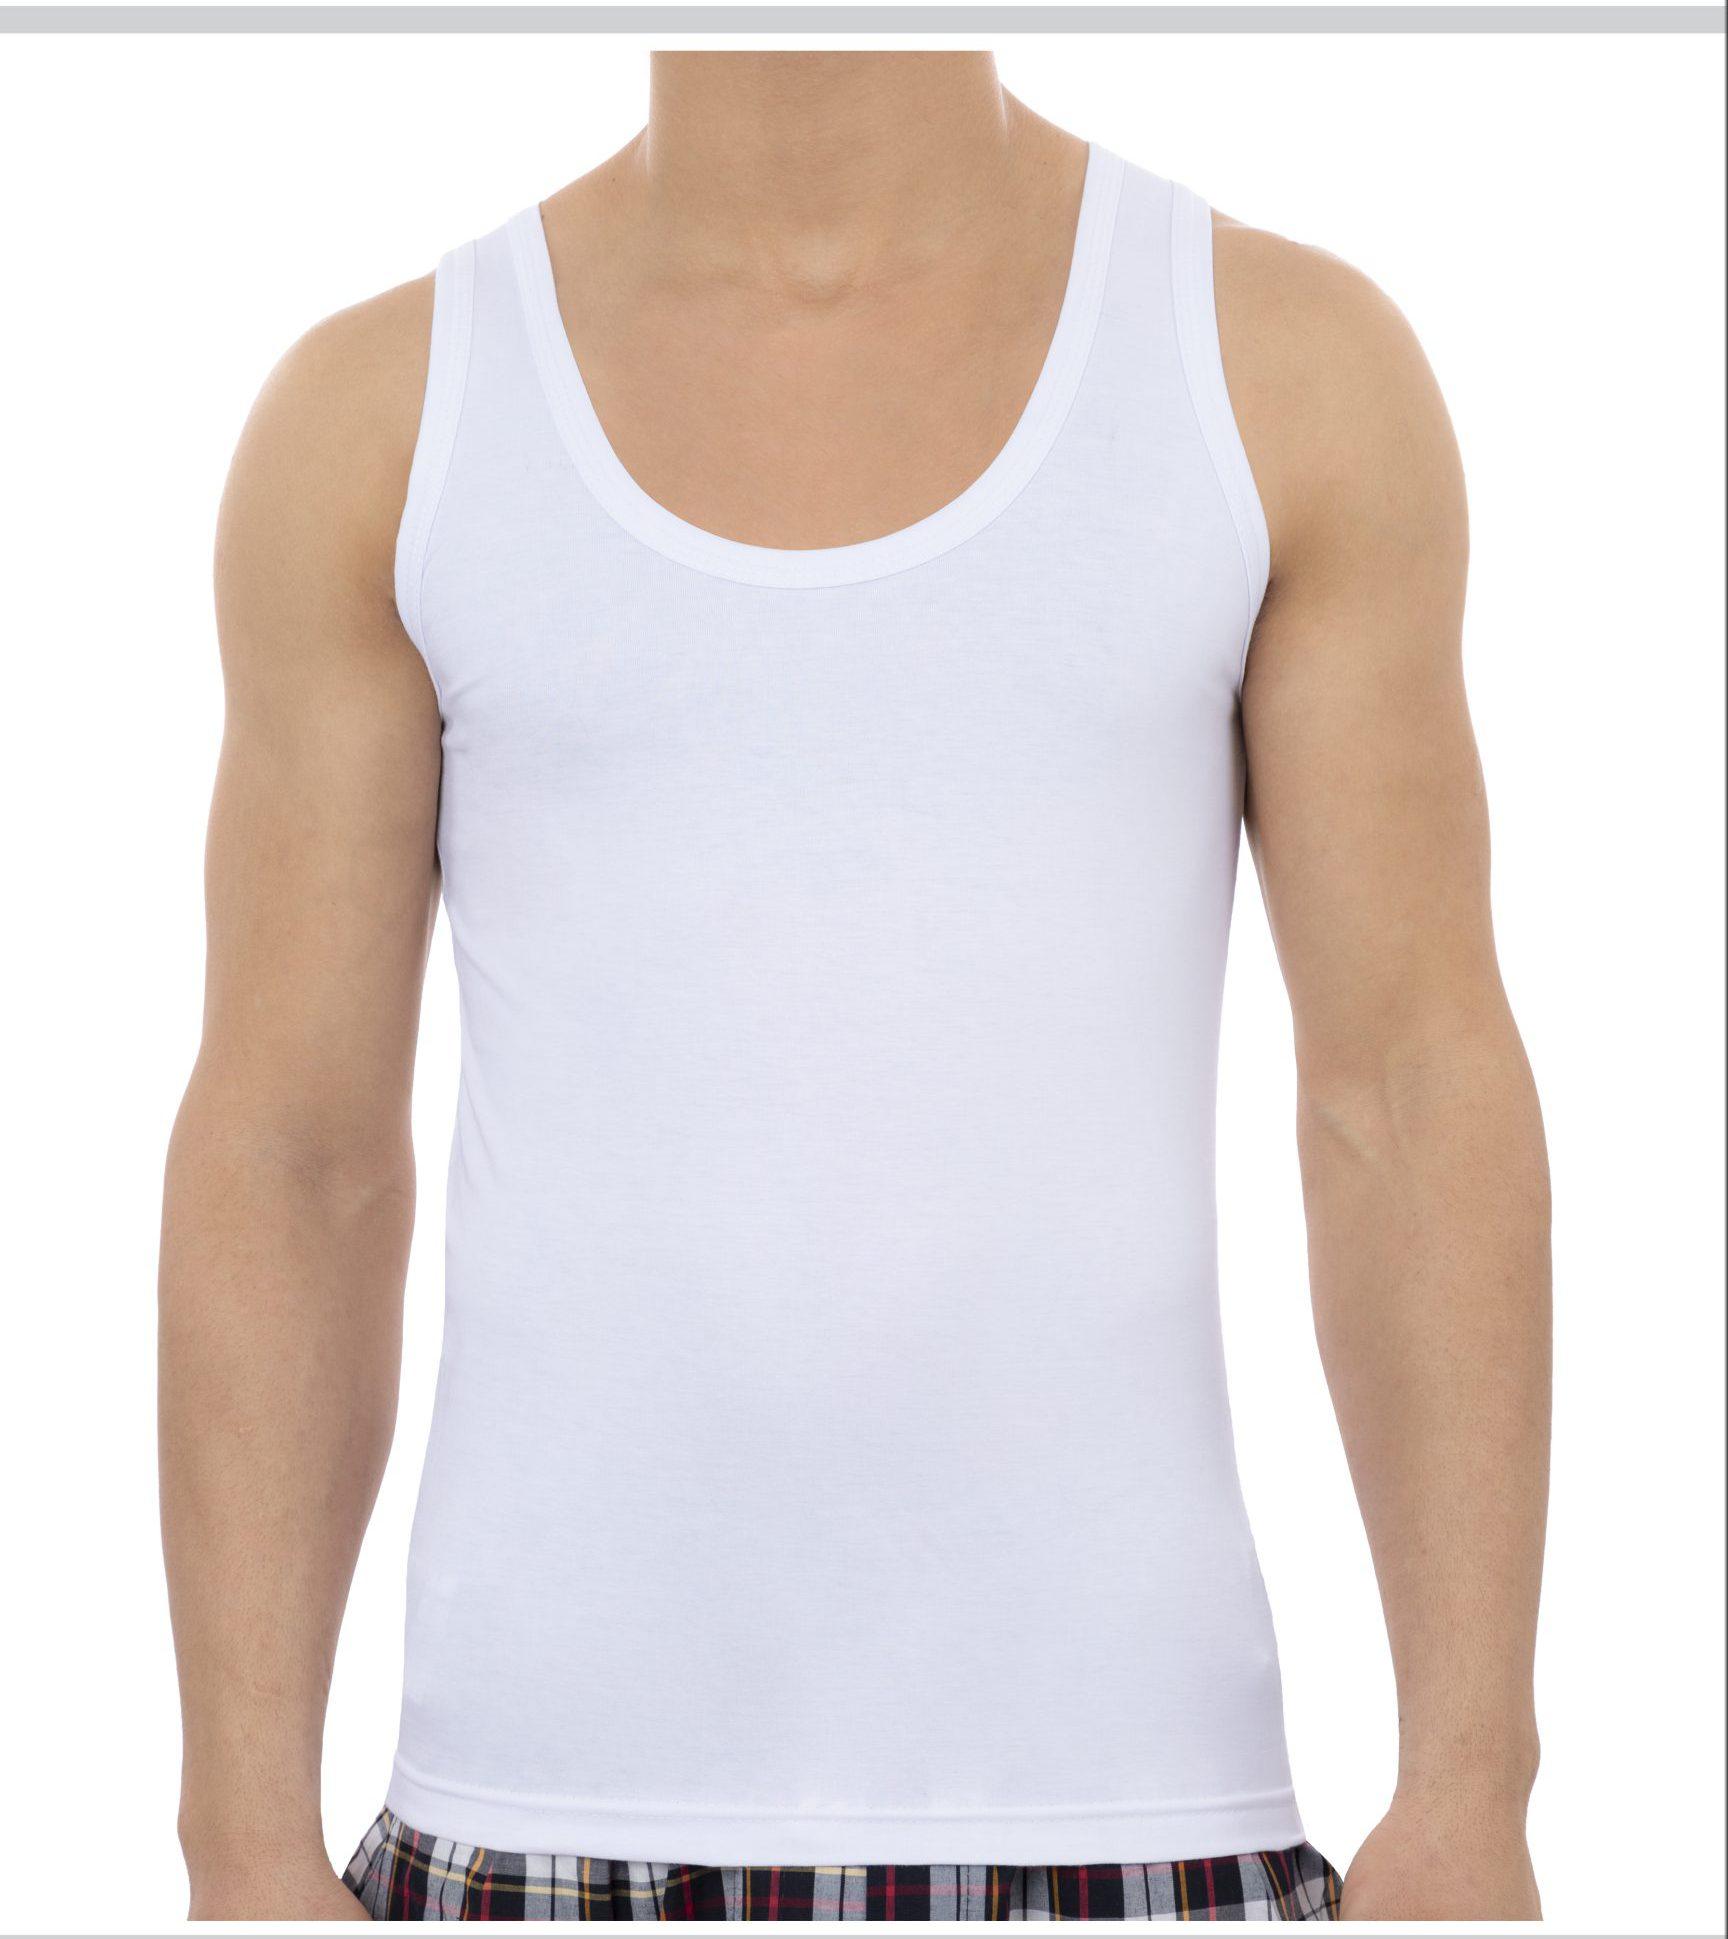 زیرپوش رکابی سفید مردانه